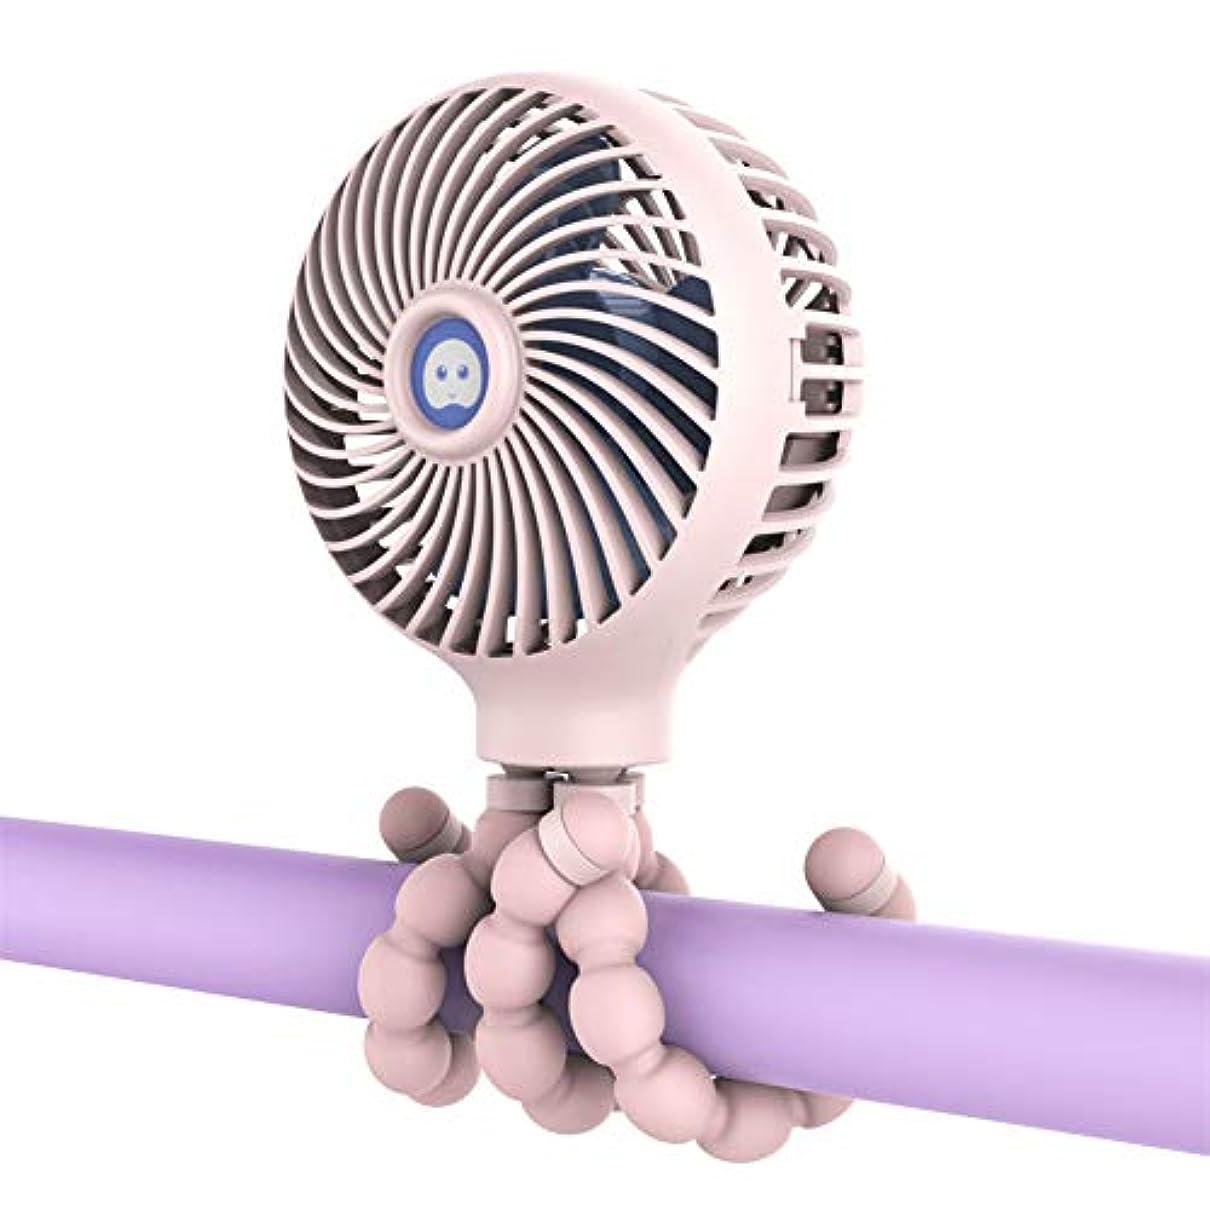 壁紙手錠インタビューミニポータブルベビーカーファンポータブルデスクパーソナルポータブルベビーベッド換気扇冷却ファン付きUSB充電式バッテリー,Pink